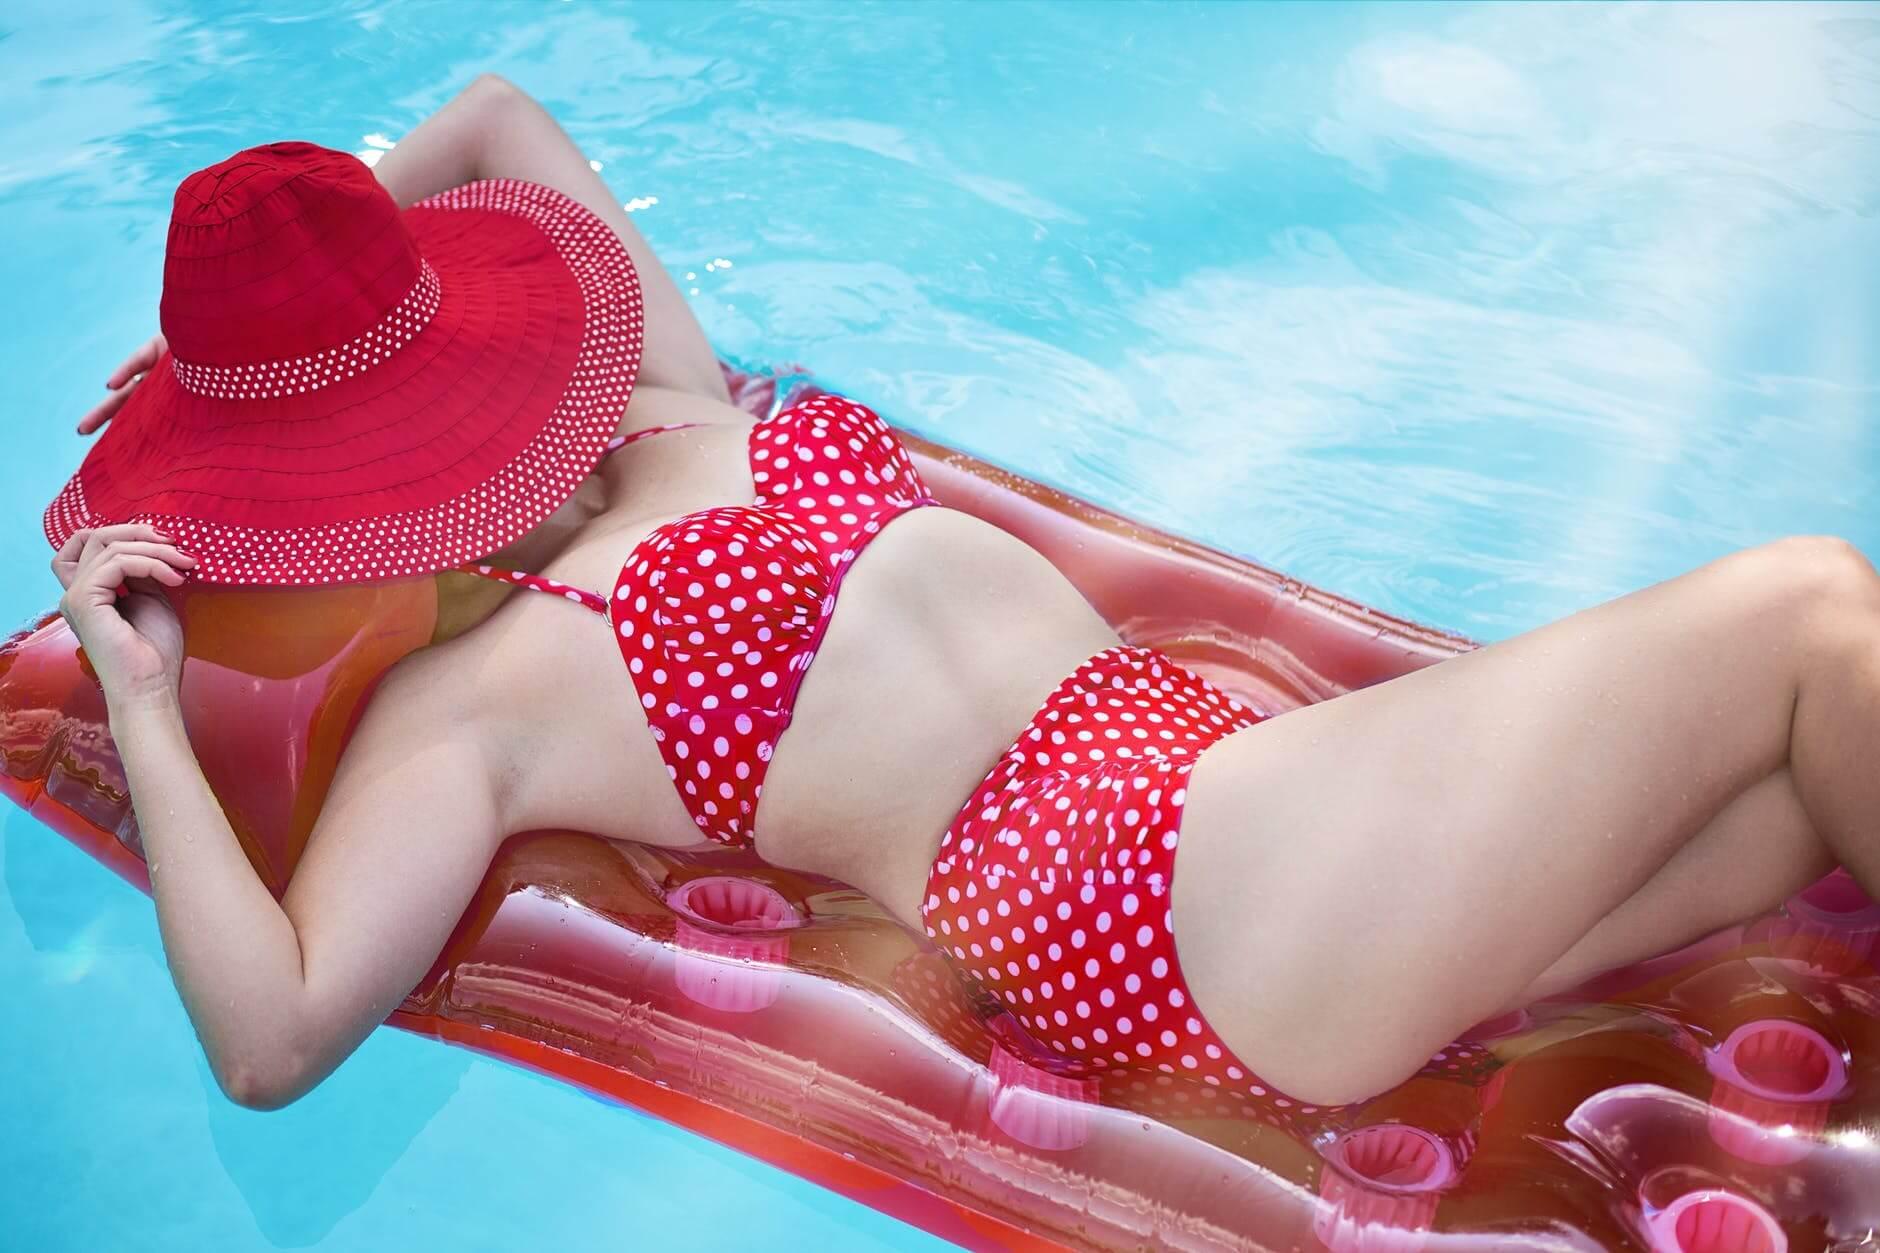 A bikini